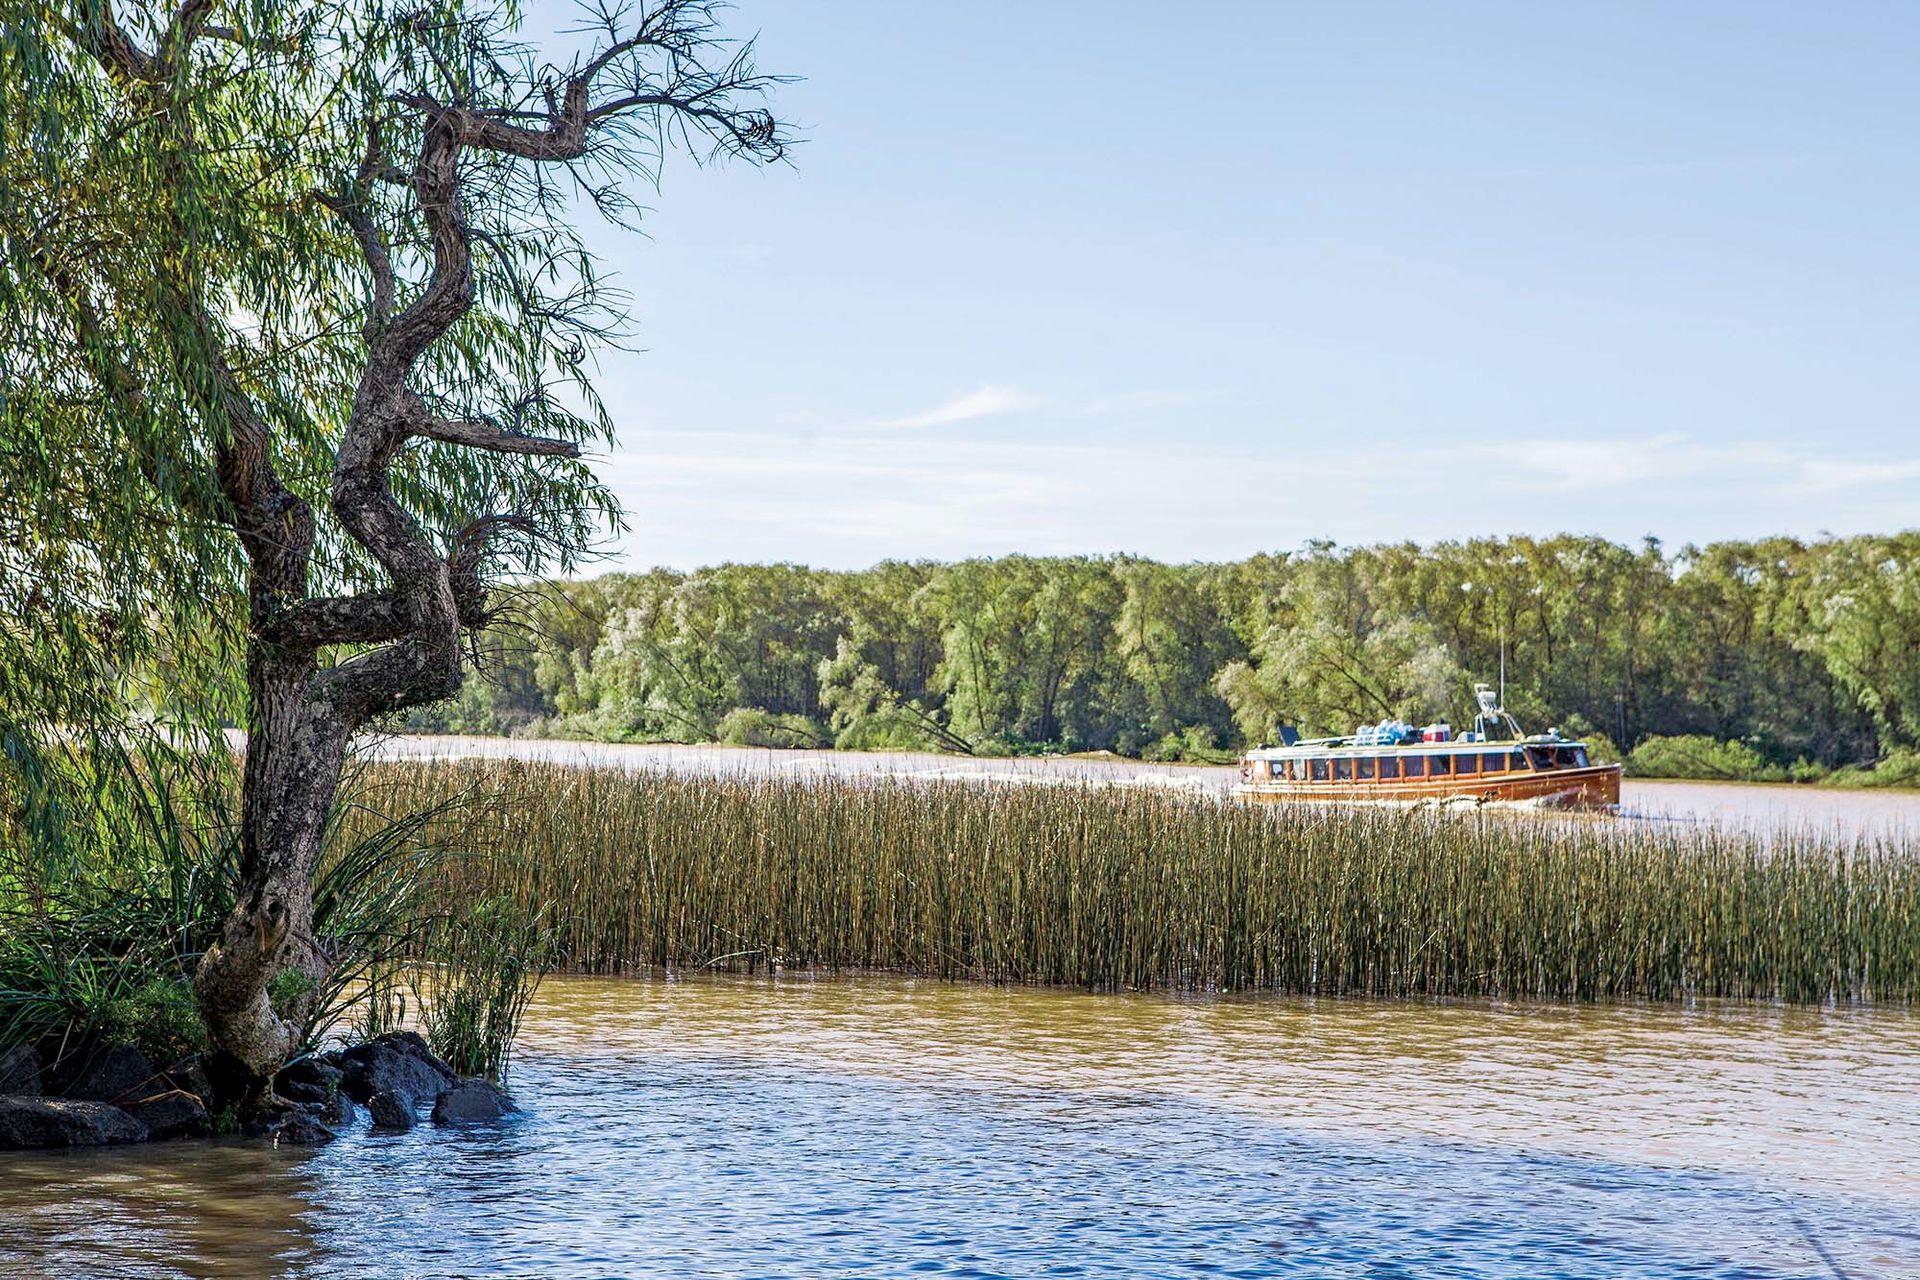 Por el río, lancha colectiva recorriendo las islas.